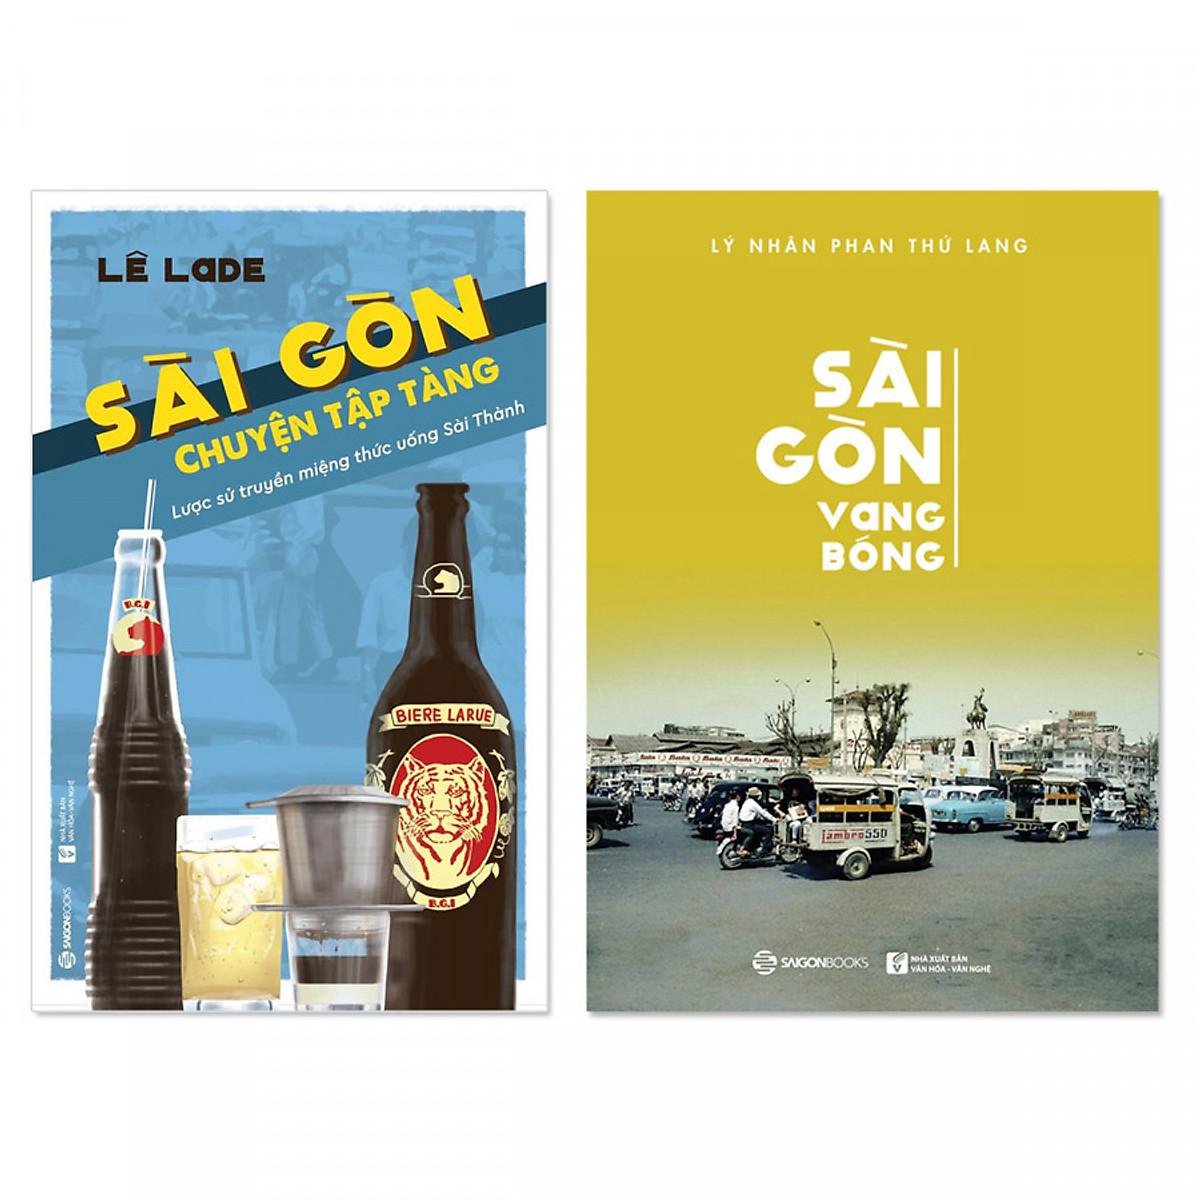 Hình đại diện sản phẩm Combo 2 cuốn: Sài Gòn Vang Bóng, Sài Gòn - Chuyện Tập Tàng